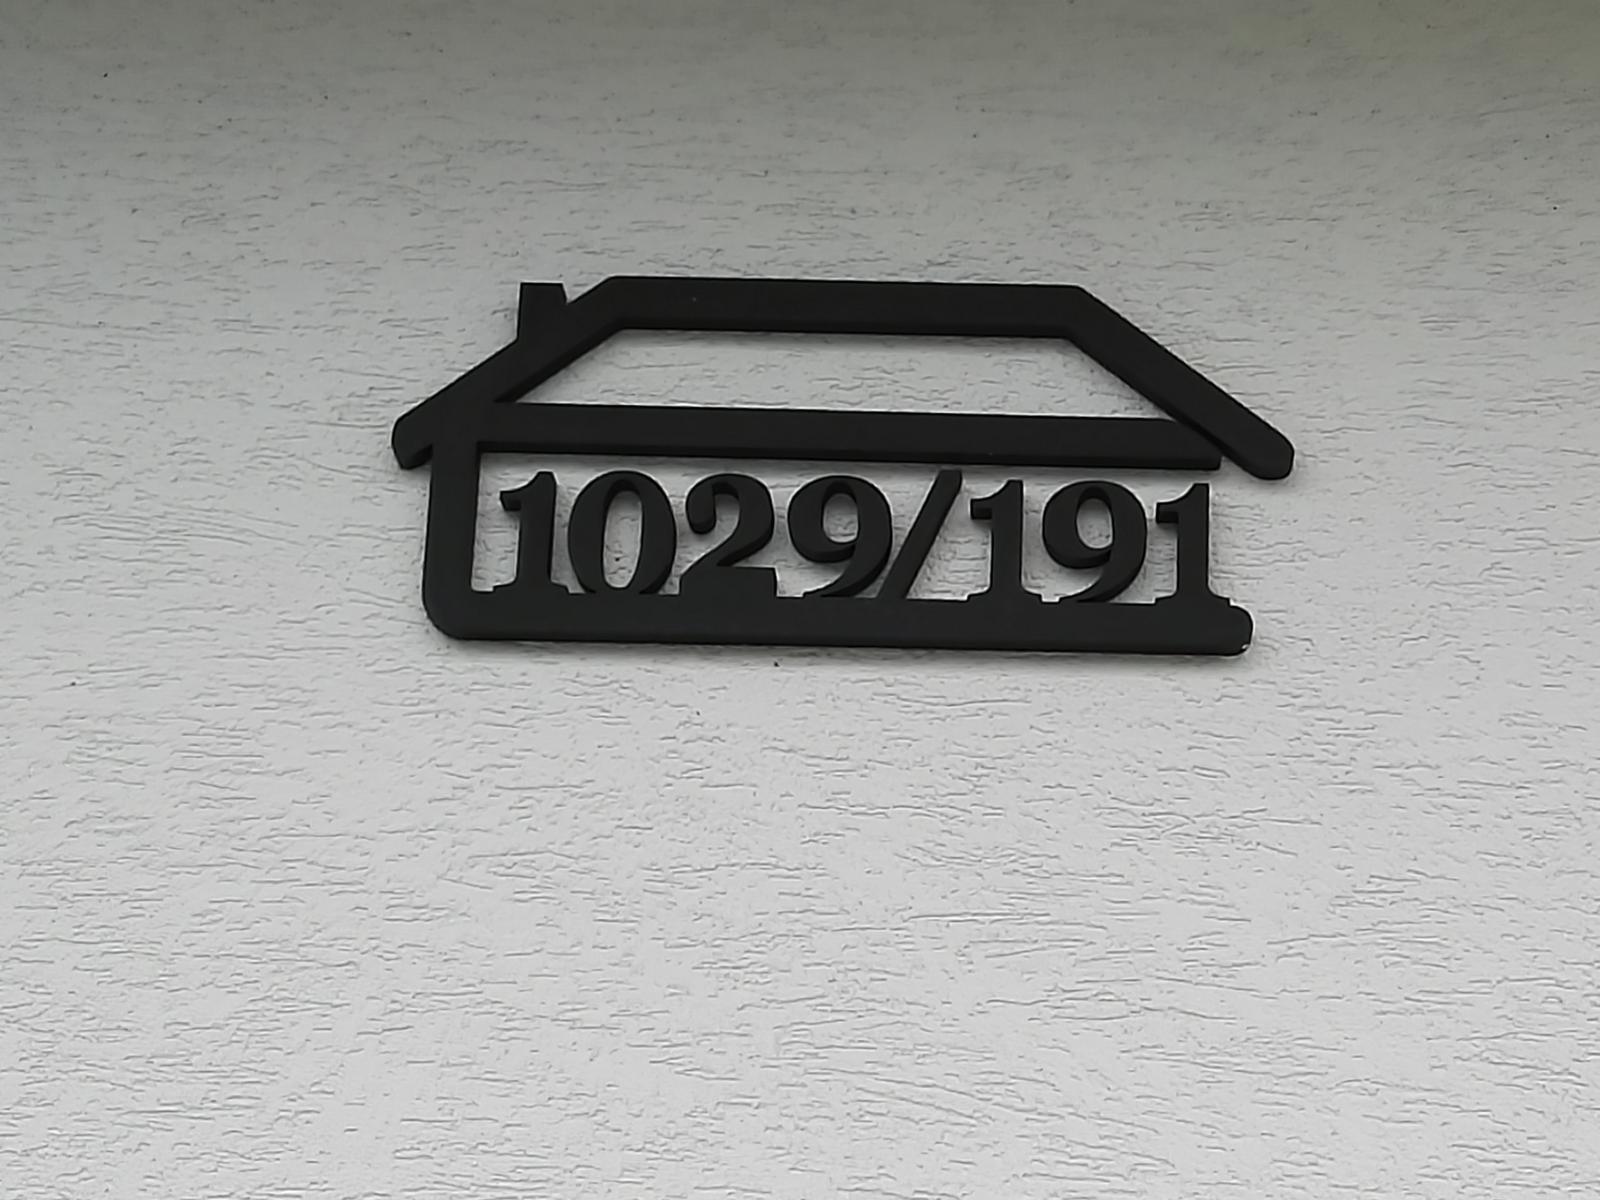 Trošku sme sa posunuli - Číslo domu od @pakrisz_idea